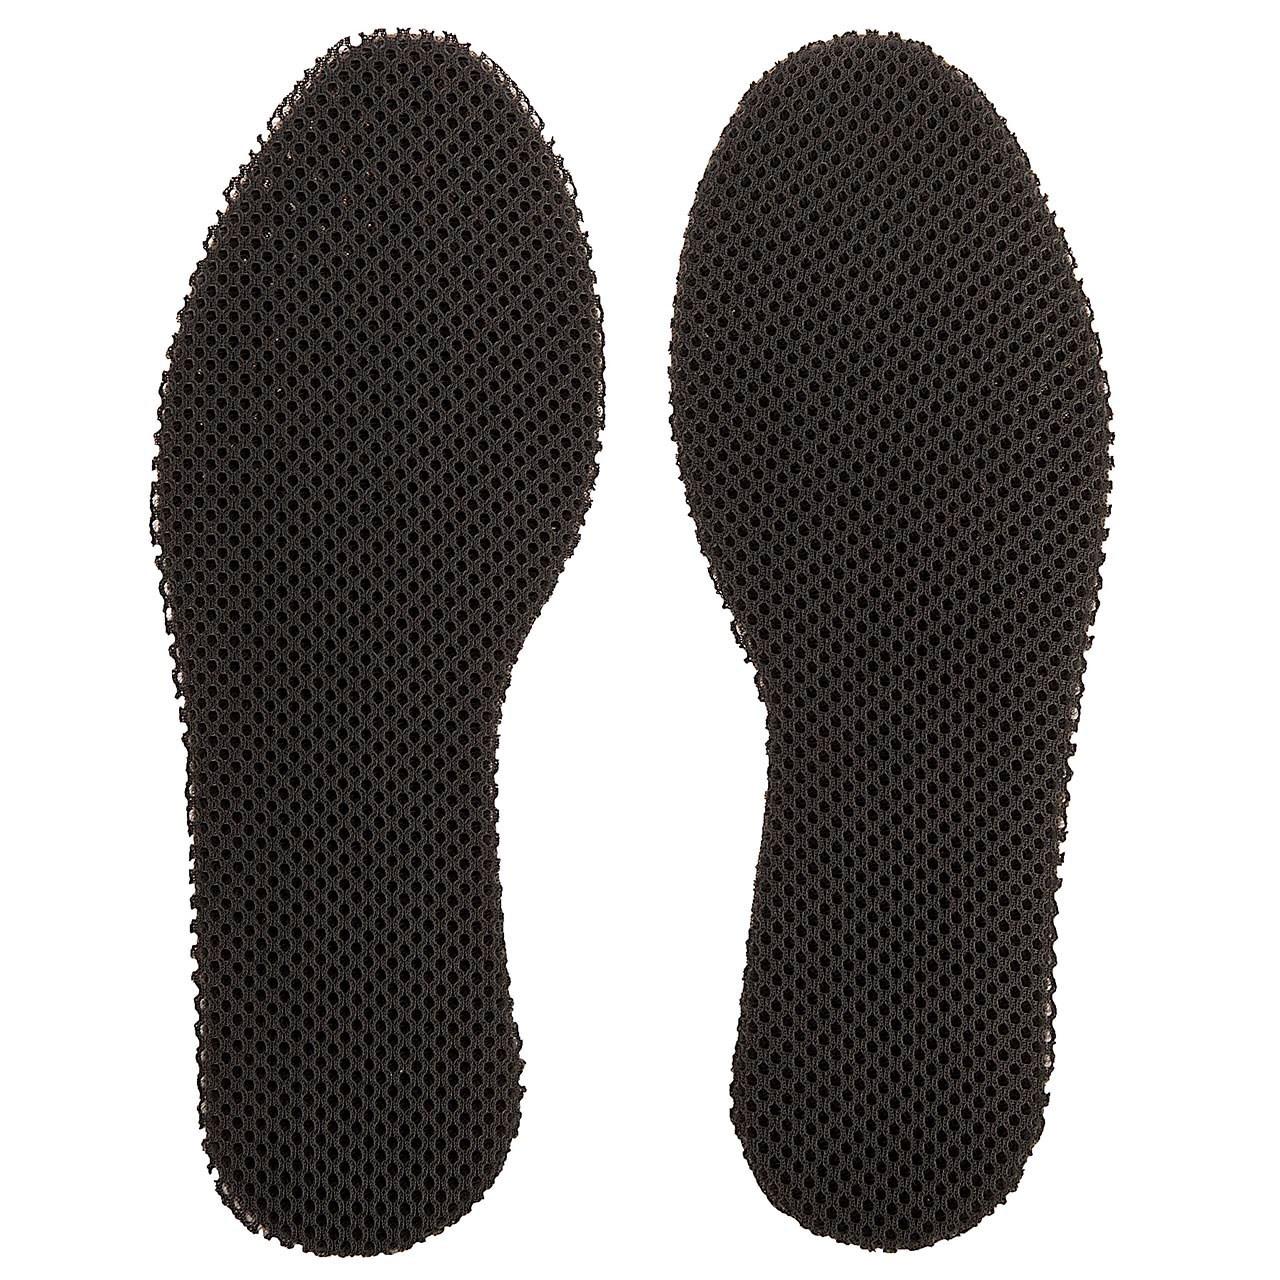 کفی کفش طب و صنعت مدل Comfort سایز 46-45